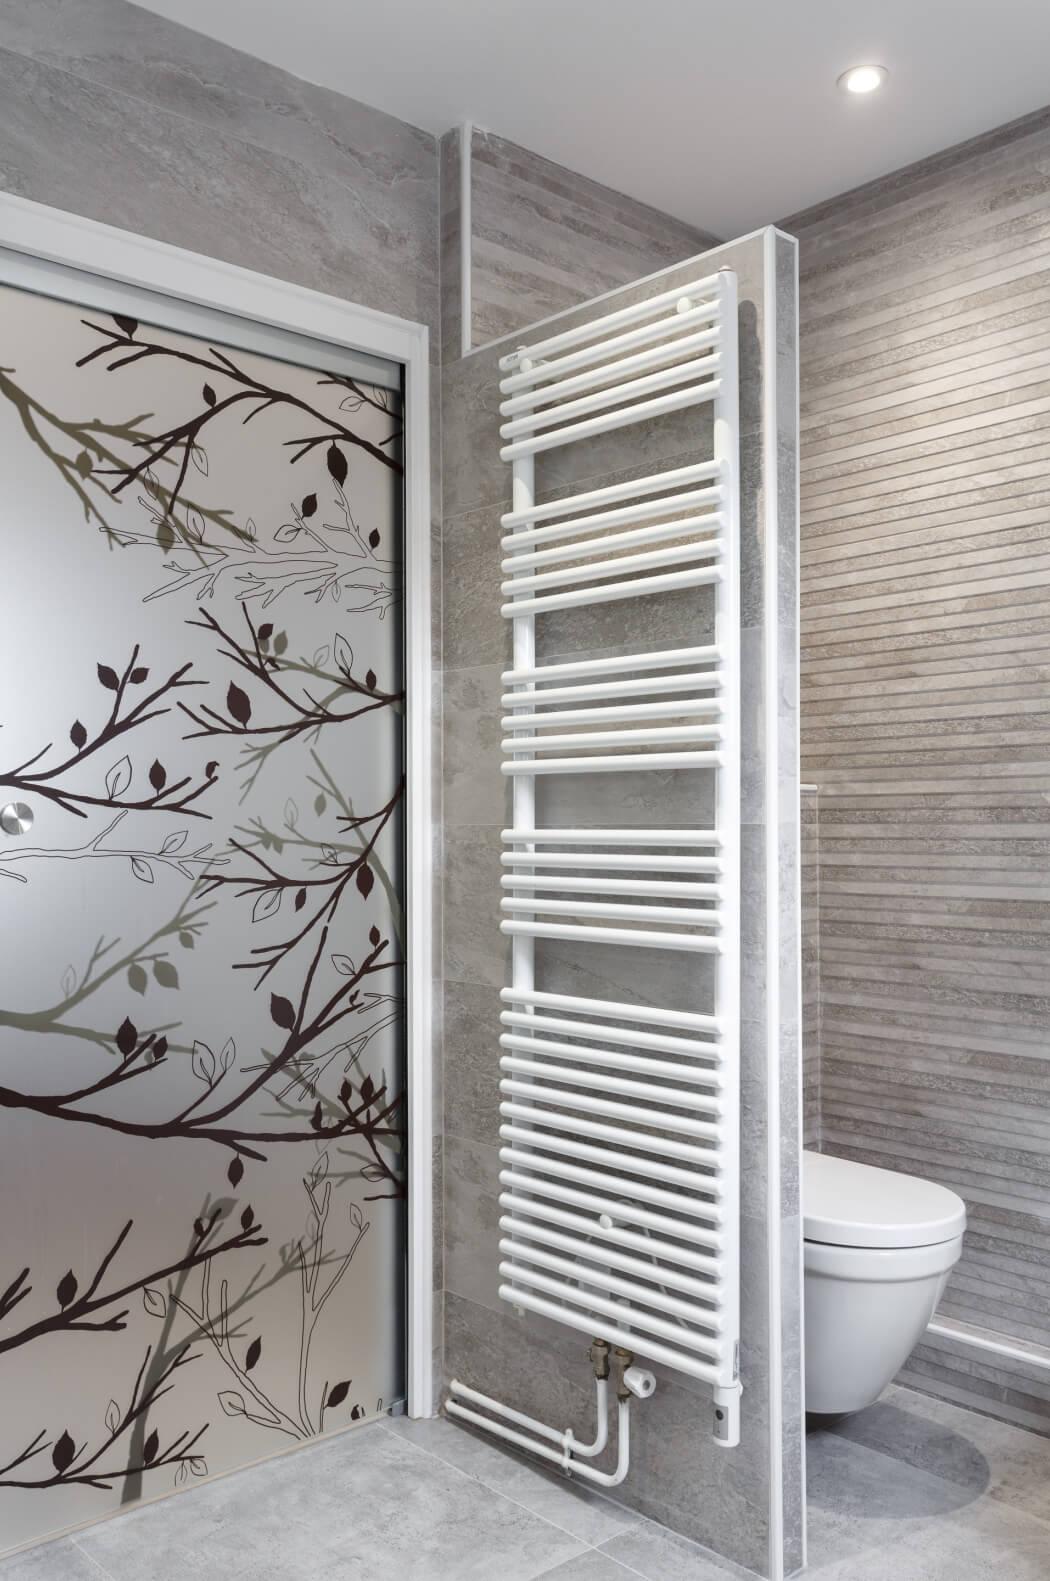 WC suspendu et sèche serviette haut de gamme dans cette salle de bain rénovée aux tons gris